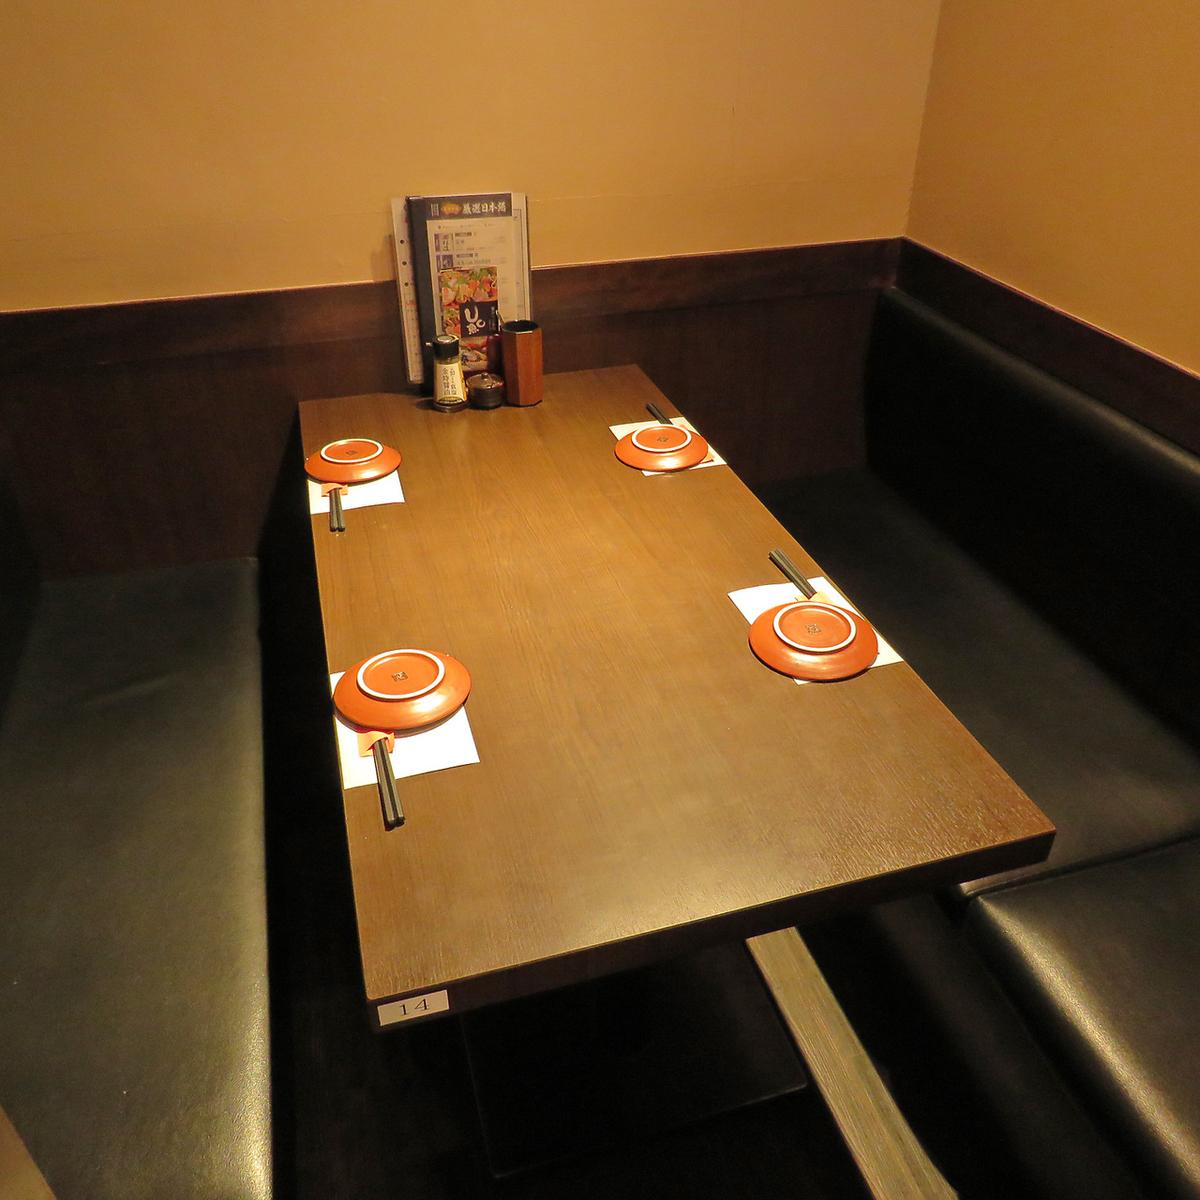 它將成為4人的座位,適合全職的下班後公司或女性社會等。這是一個受歡迎的座位所以請提前預訂♪